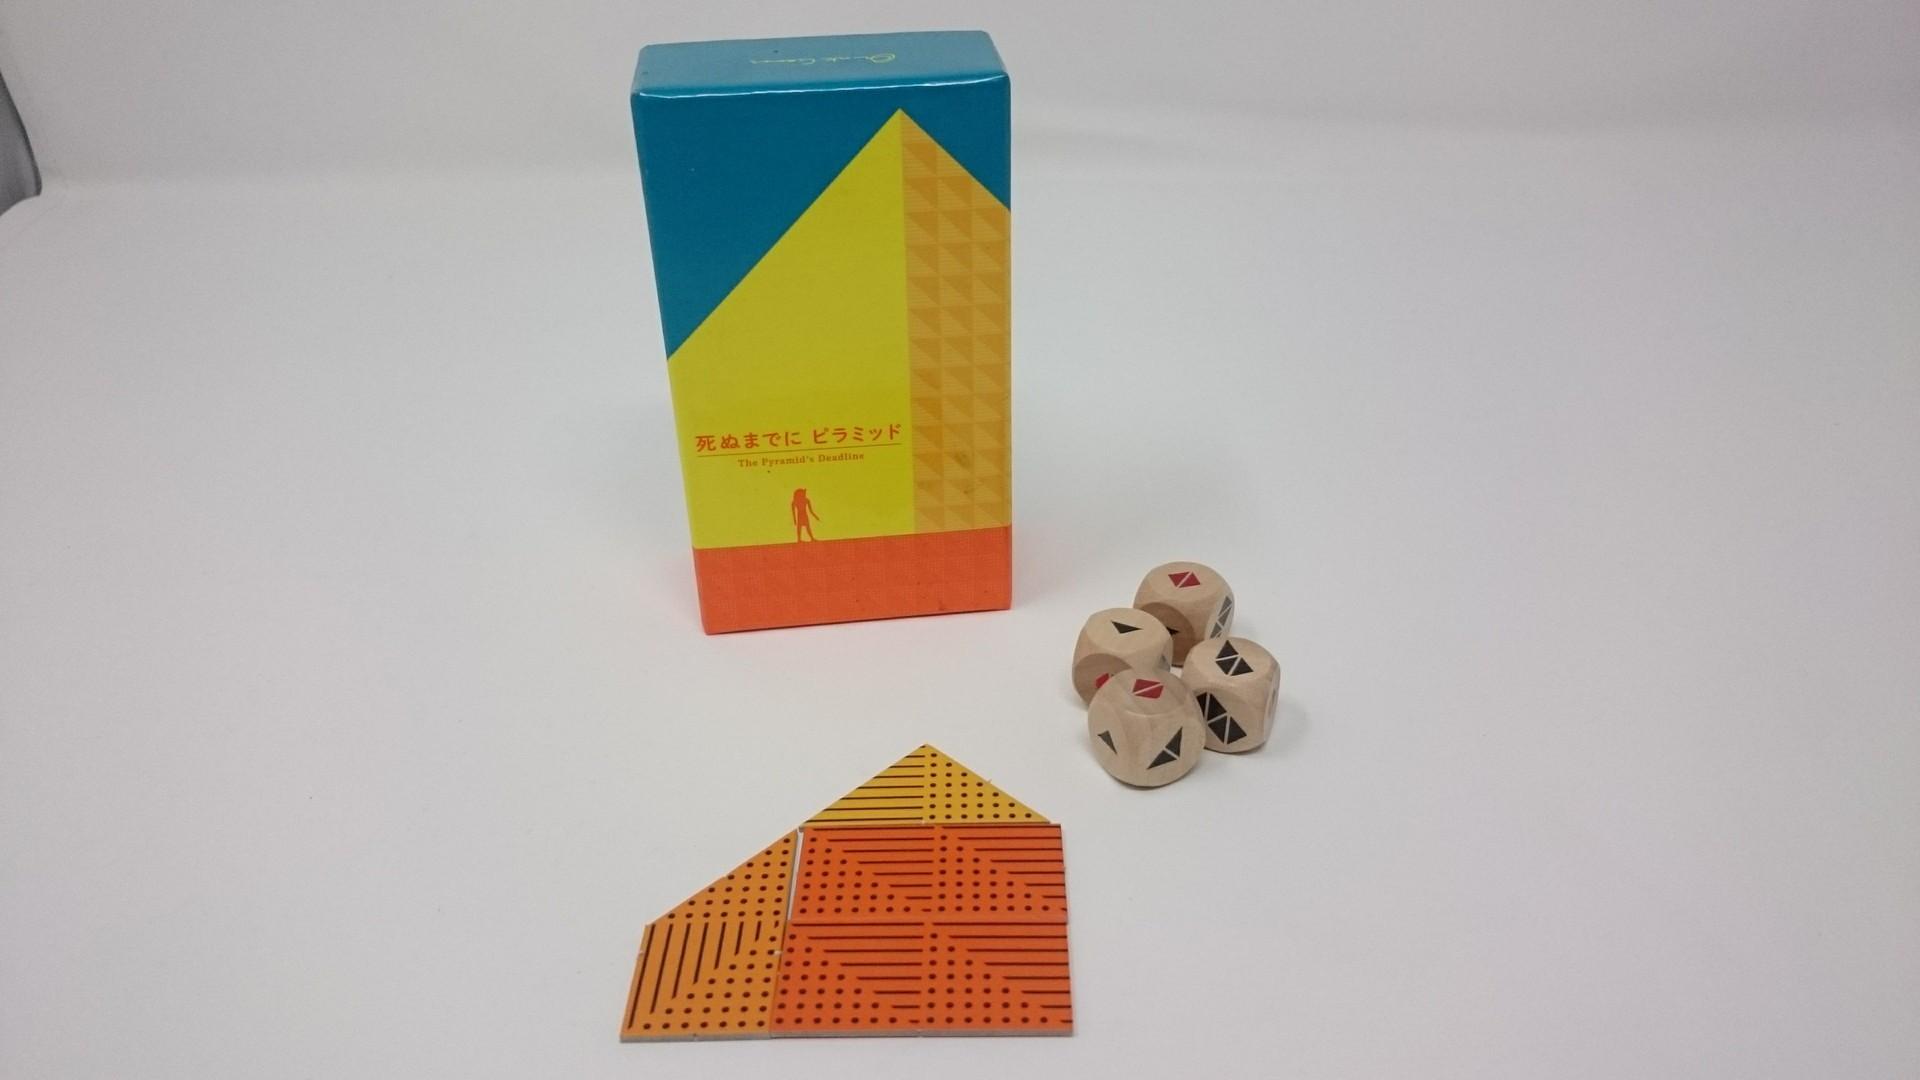 死ぬまでにピラミッド:The Pyramid's Deadline